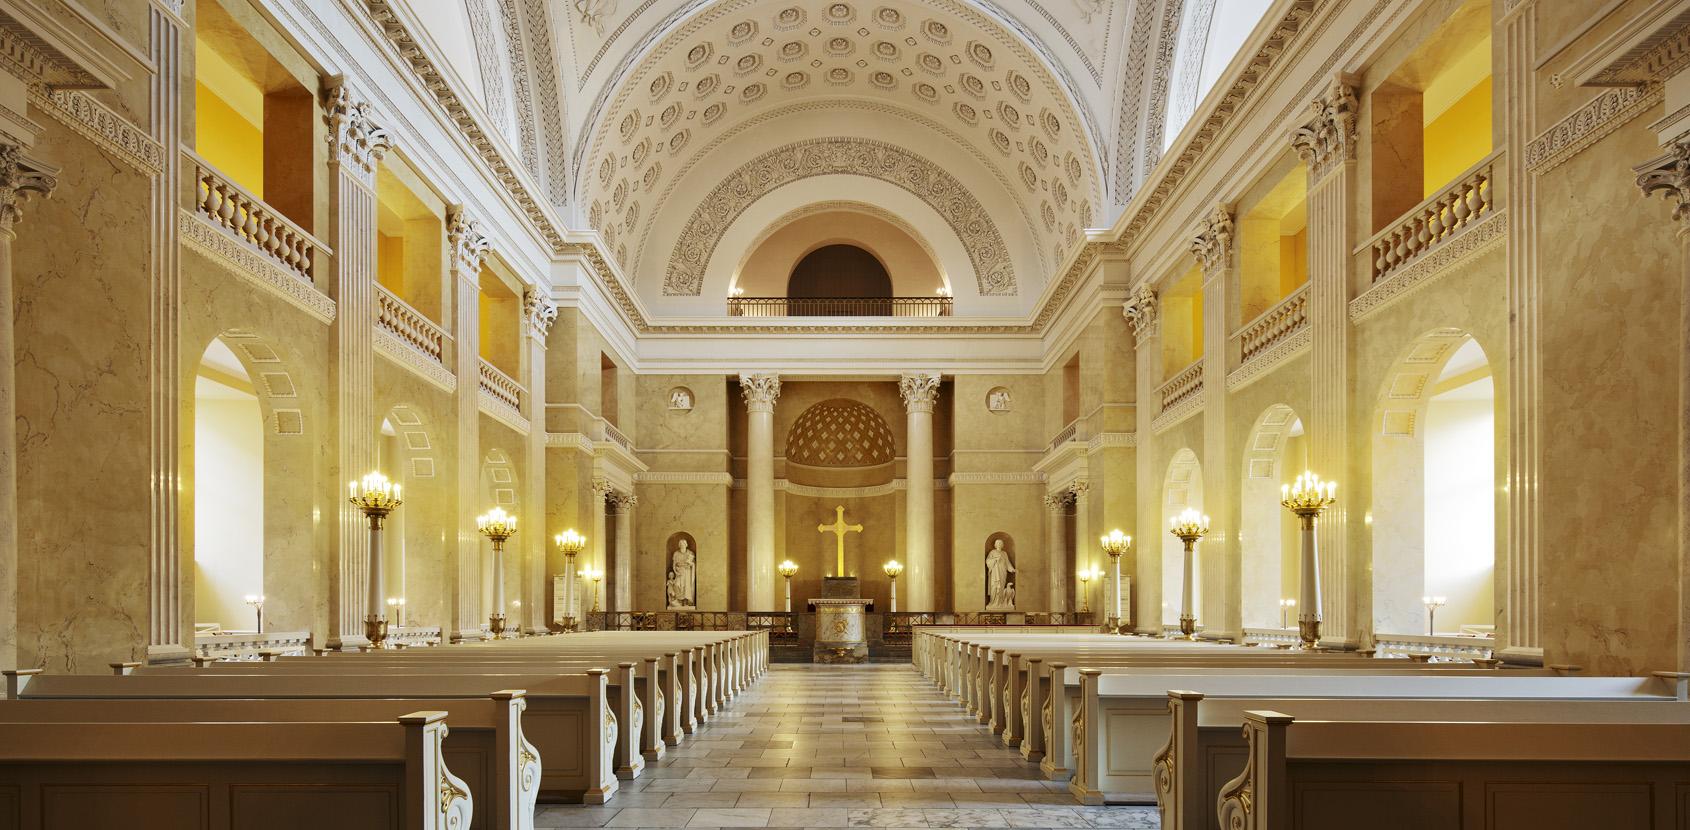 Bestil gruppeomvisning i Christiansborg Slotskirke